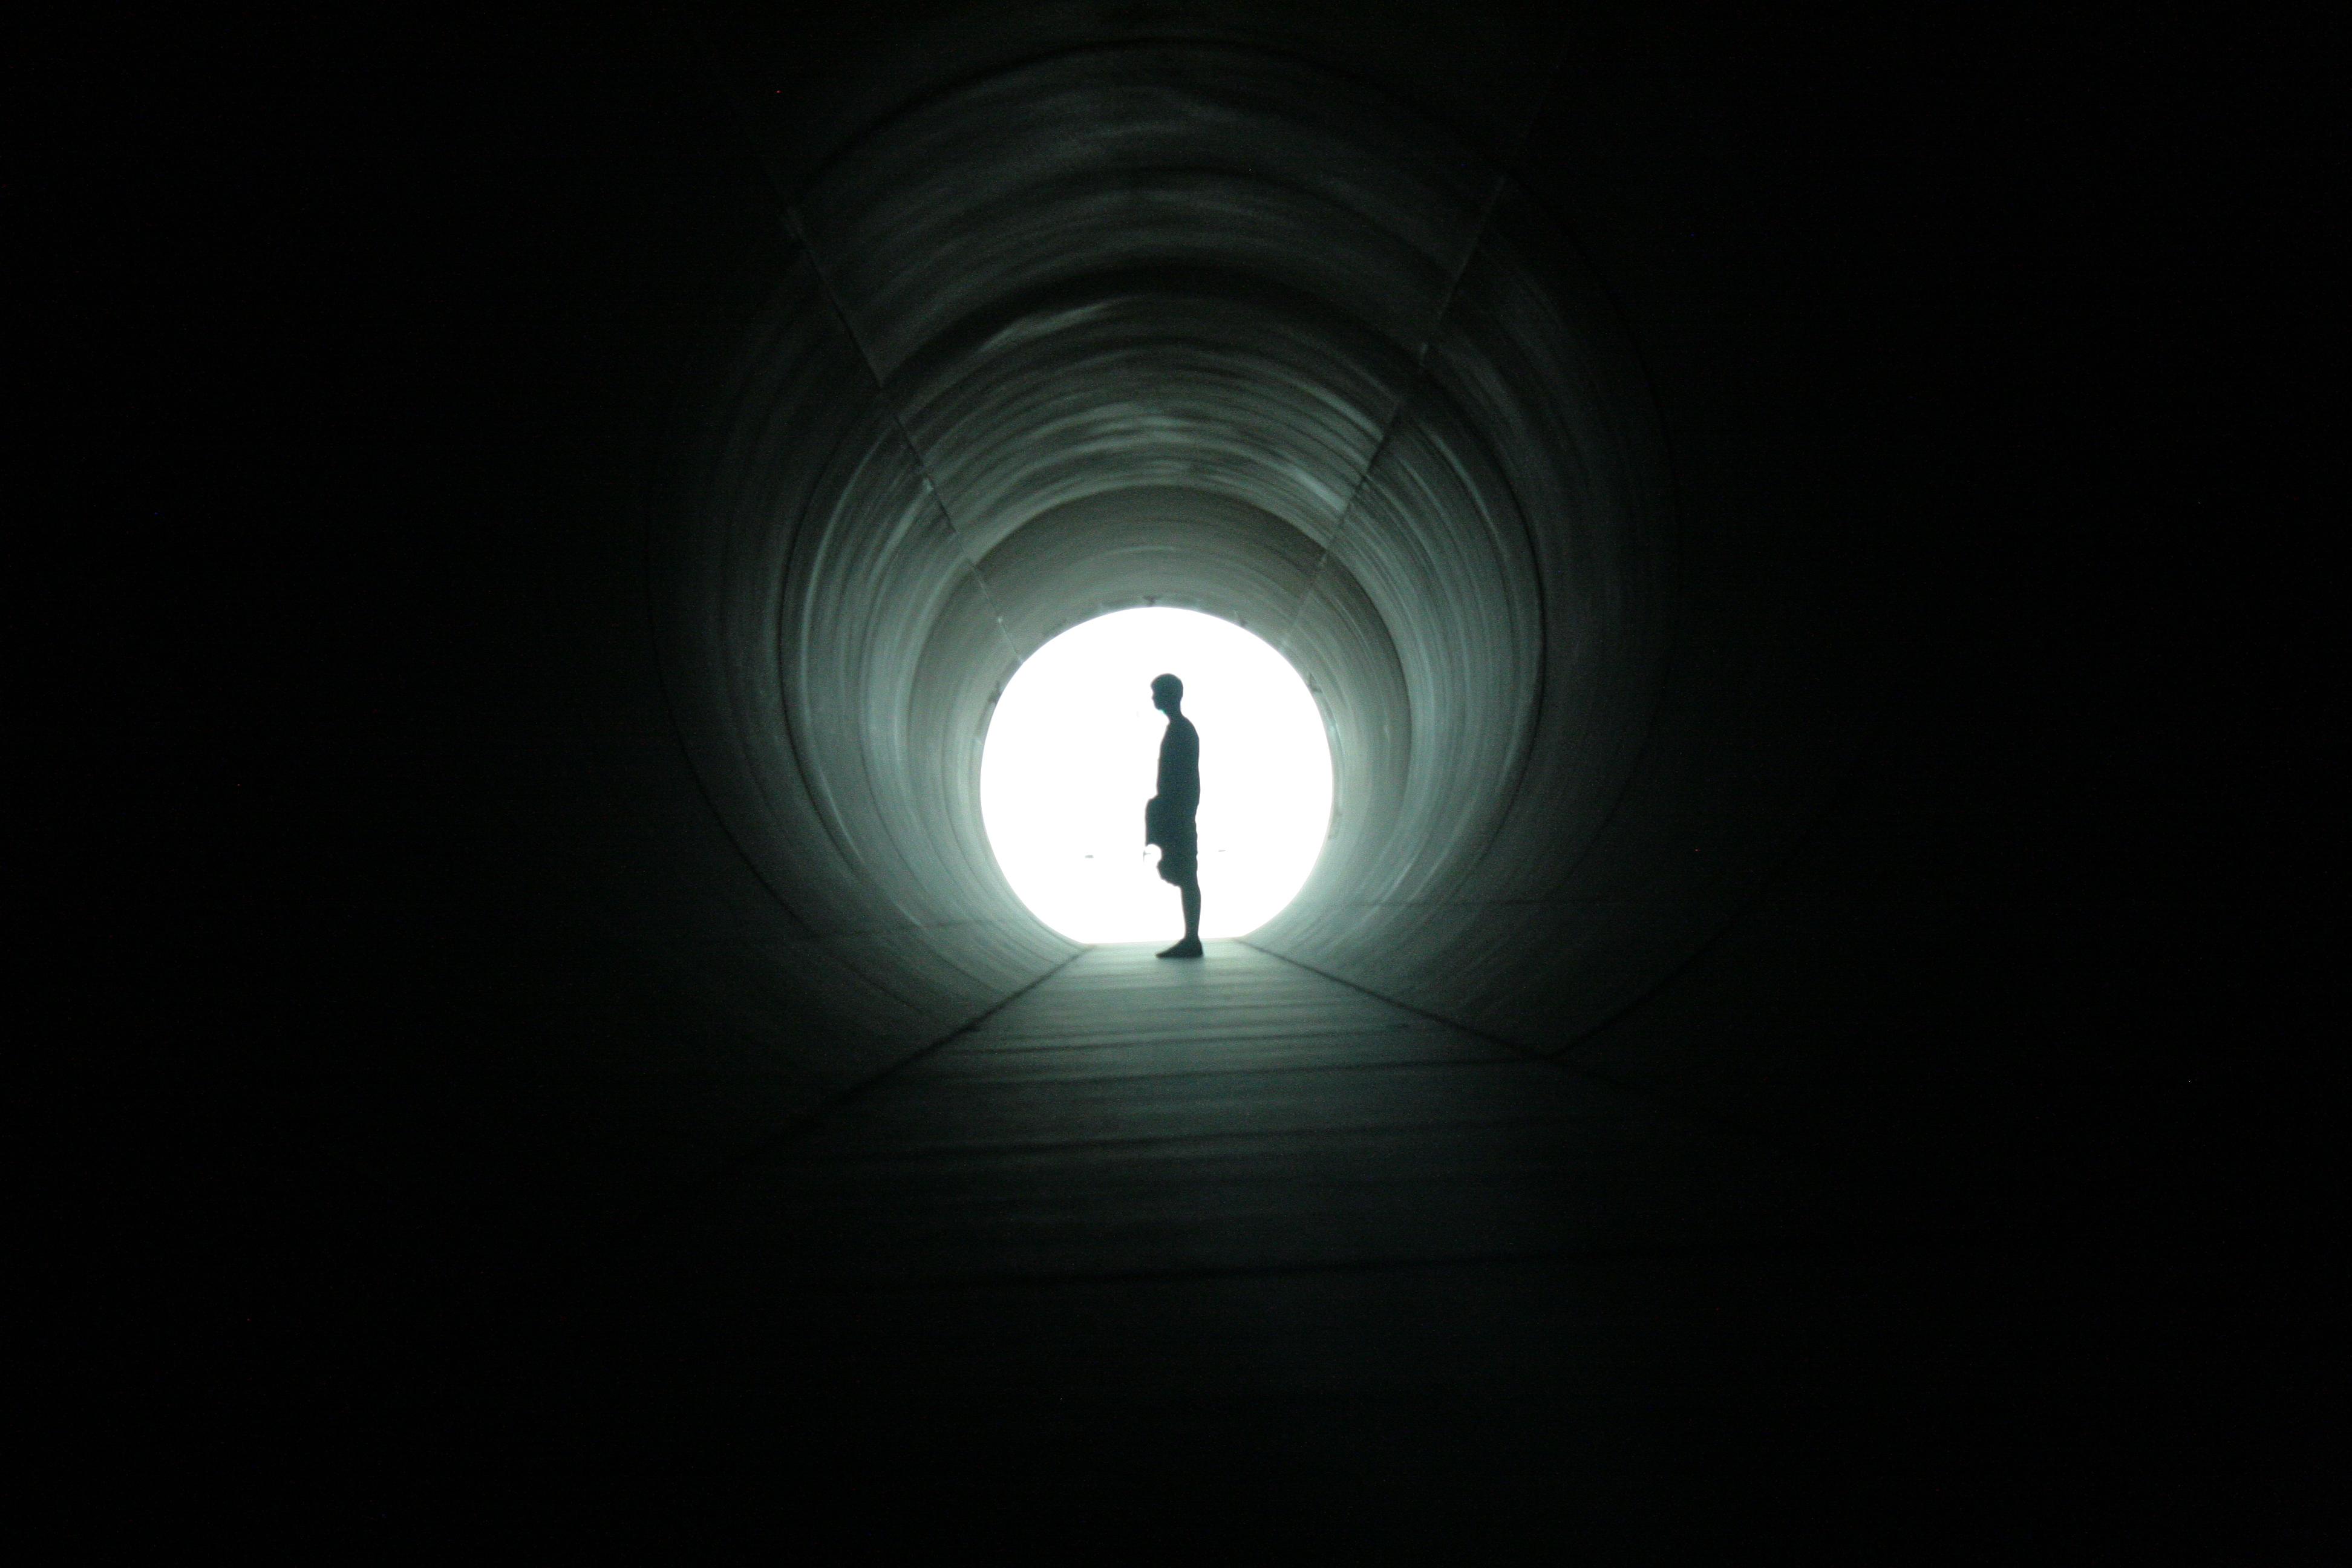 Свет в конце тоннеля смешные фото картинки